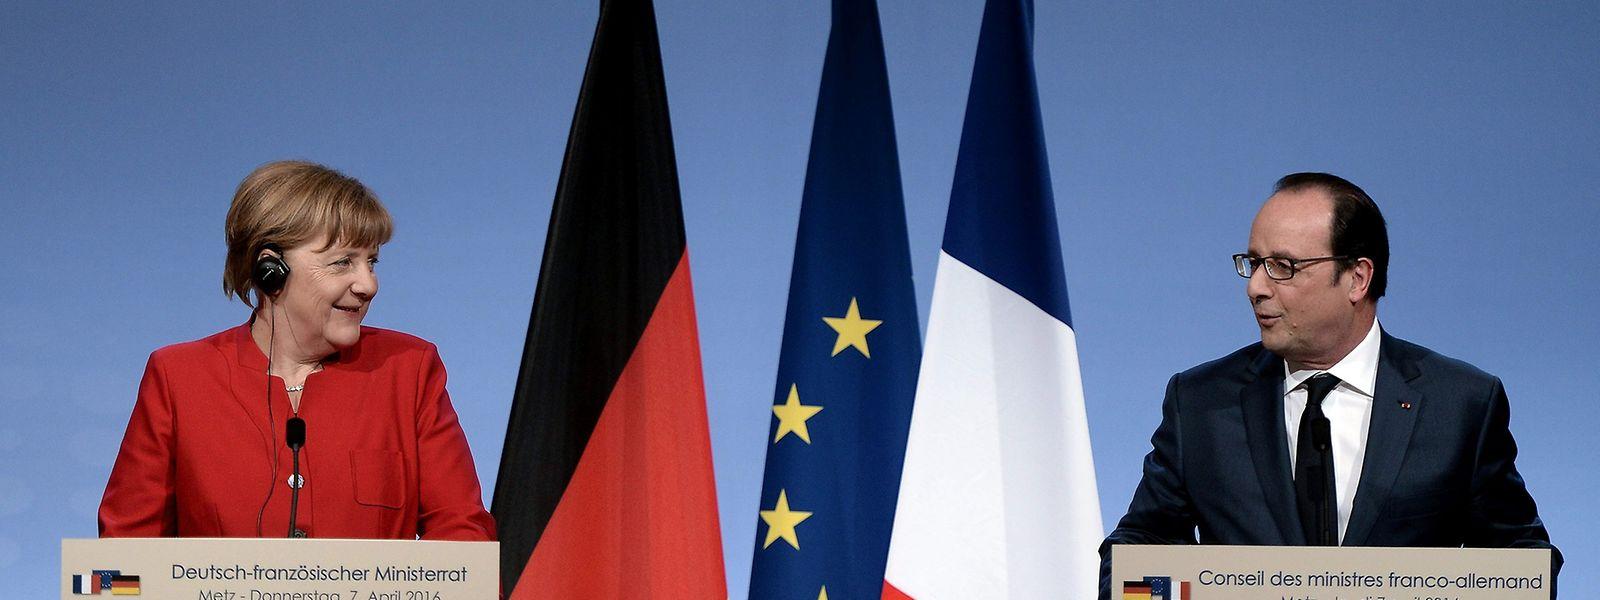 Die deutsche Bundeskanzlerin und der französische Staatspräsident setzen auf Einigkeit.